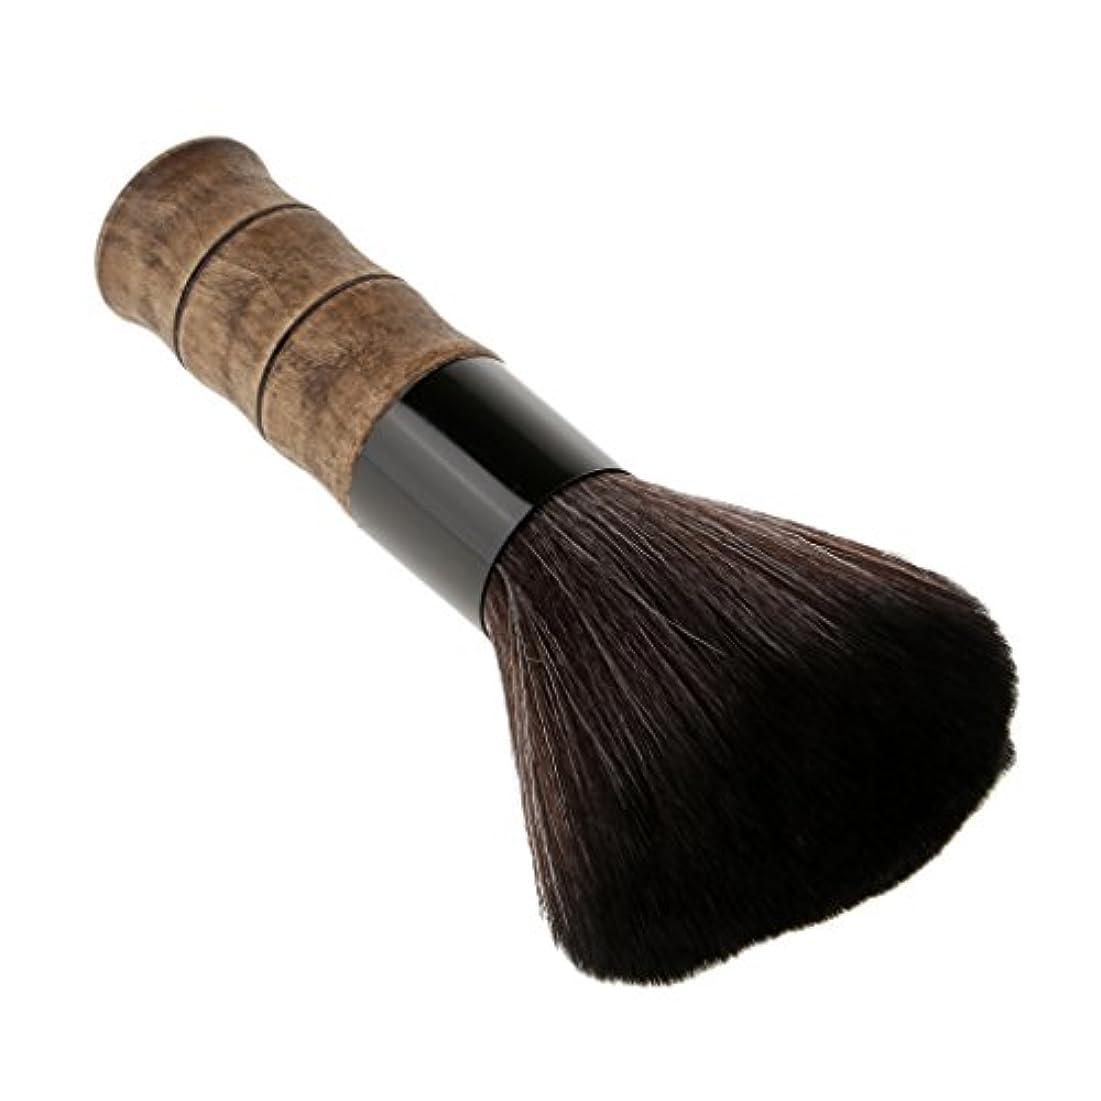 店員簿記係割れ目ソフトファイバー脱毛シェービングブラシブラッシュルーズパウダーメイクブラシ竹 - ブラック